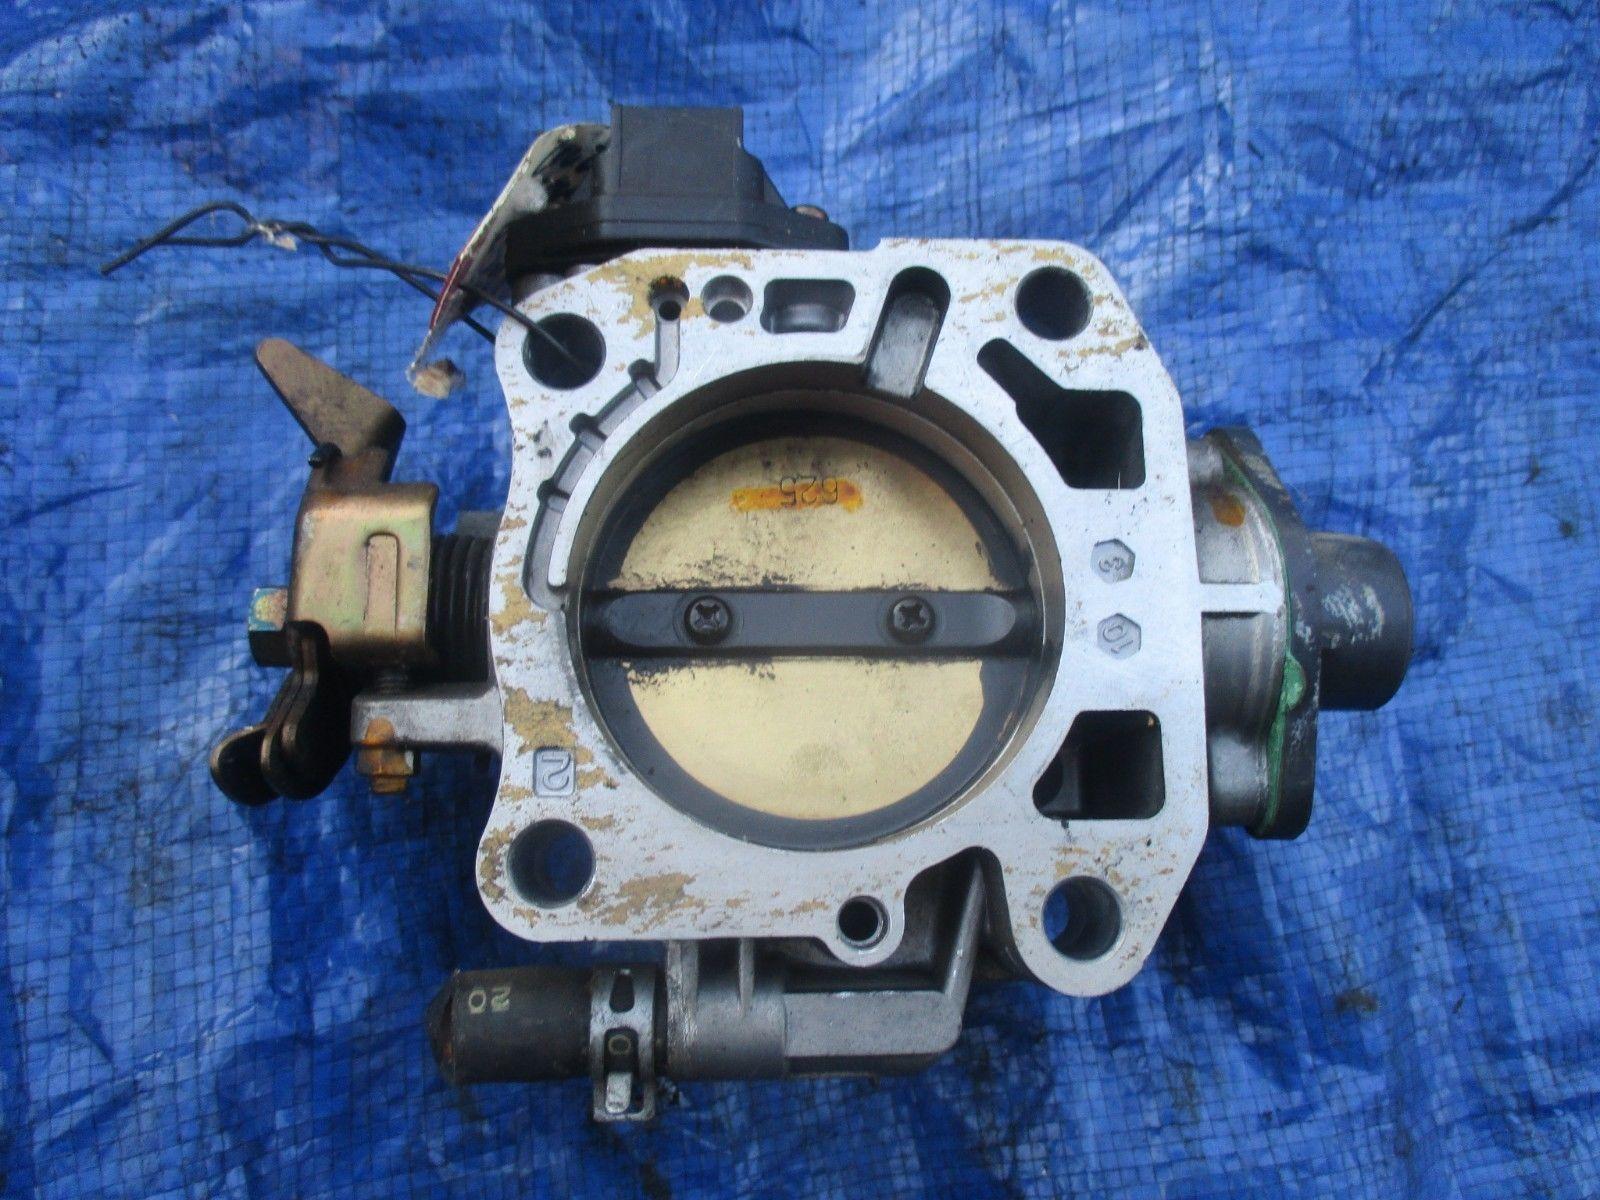 00-03 Honda S2000 62mm throttle body assembly OEM engine motor F20C1 VTEC